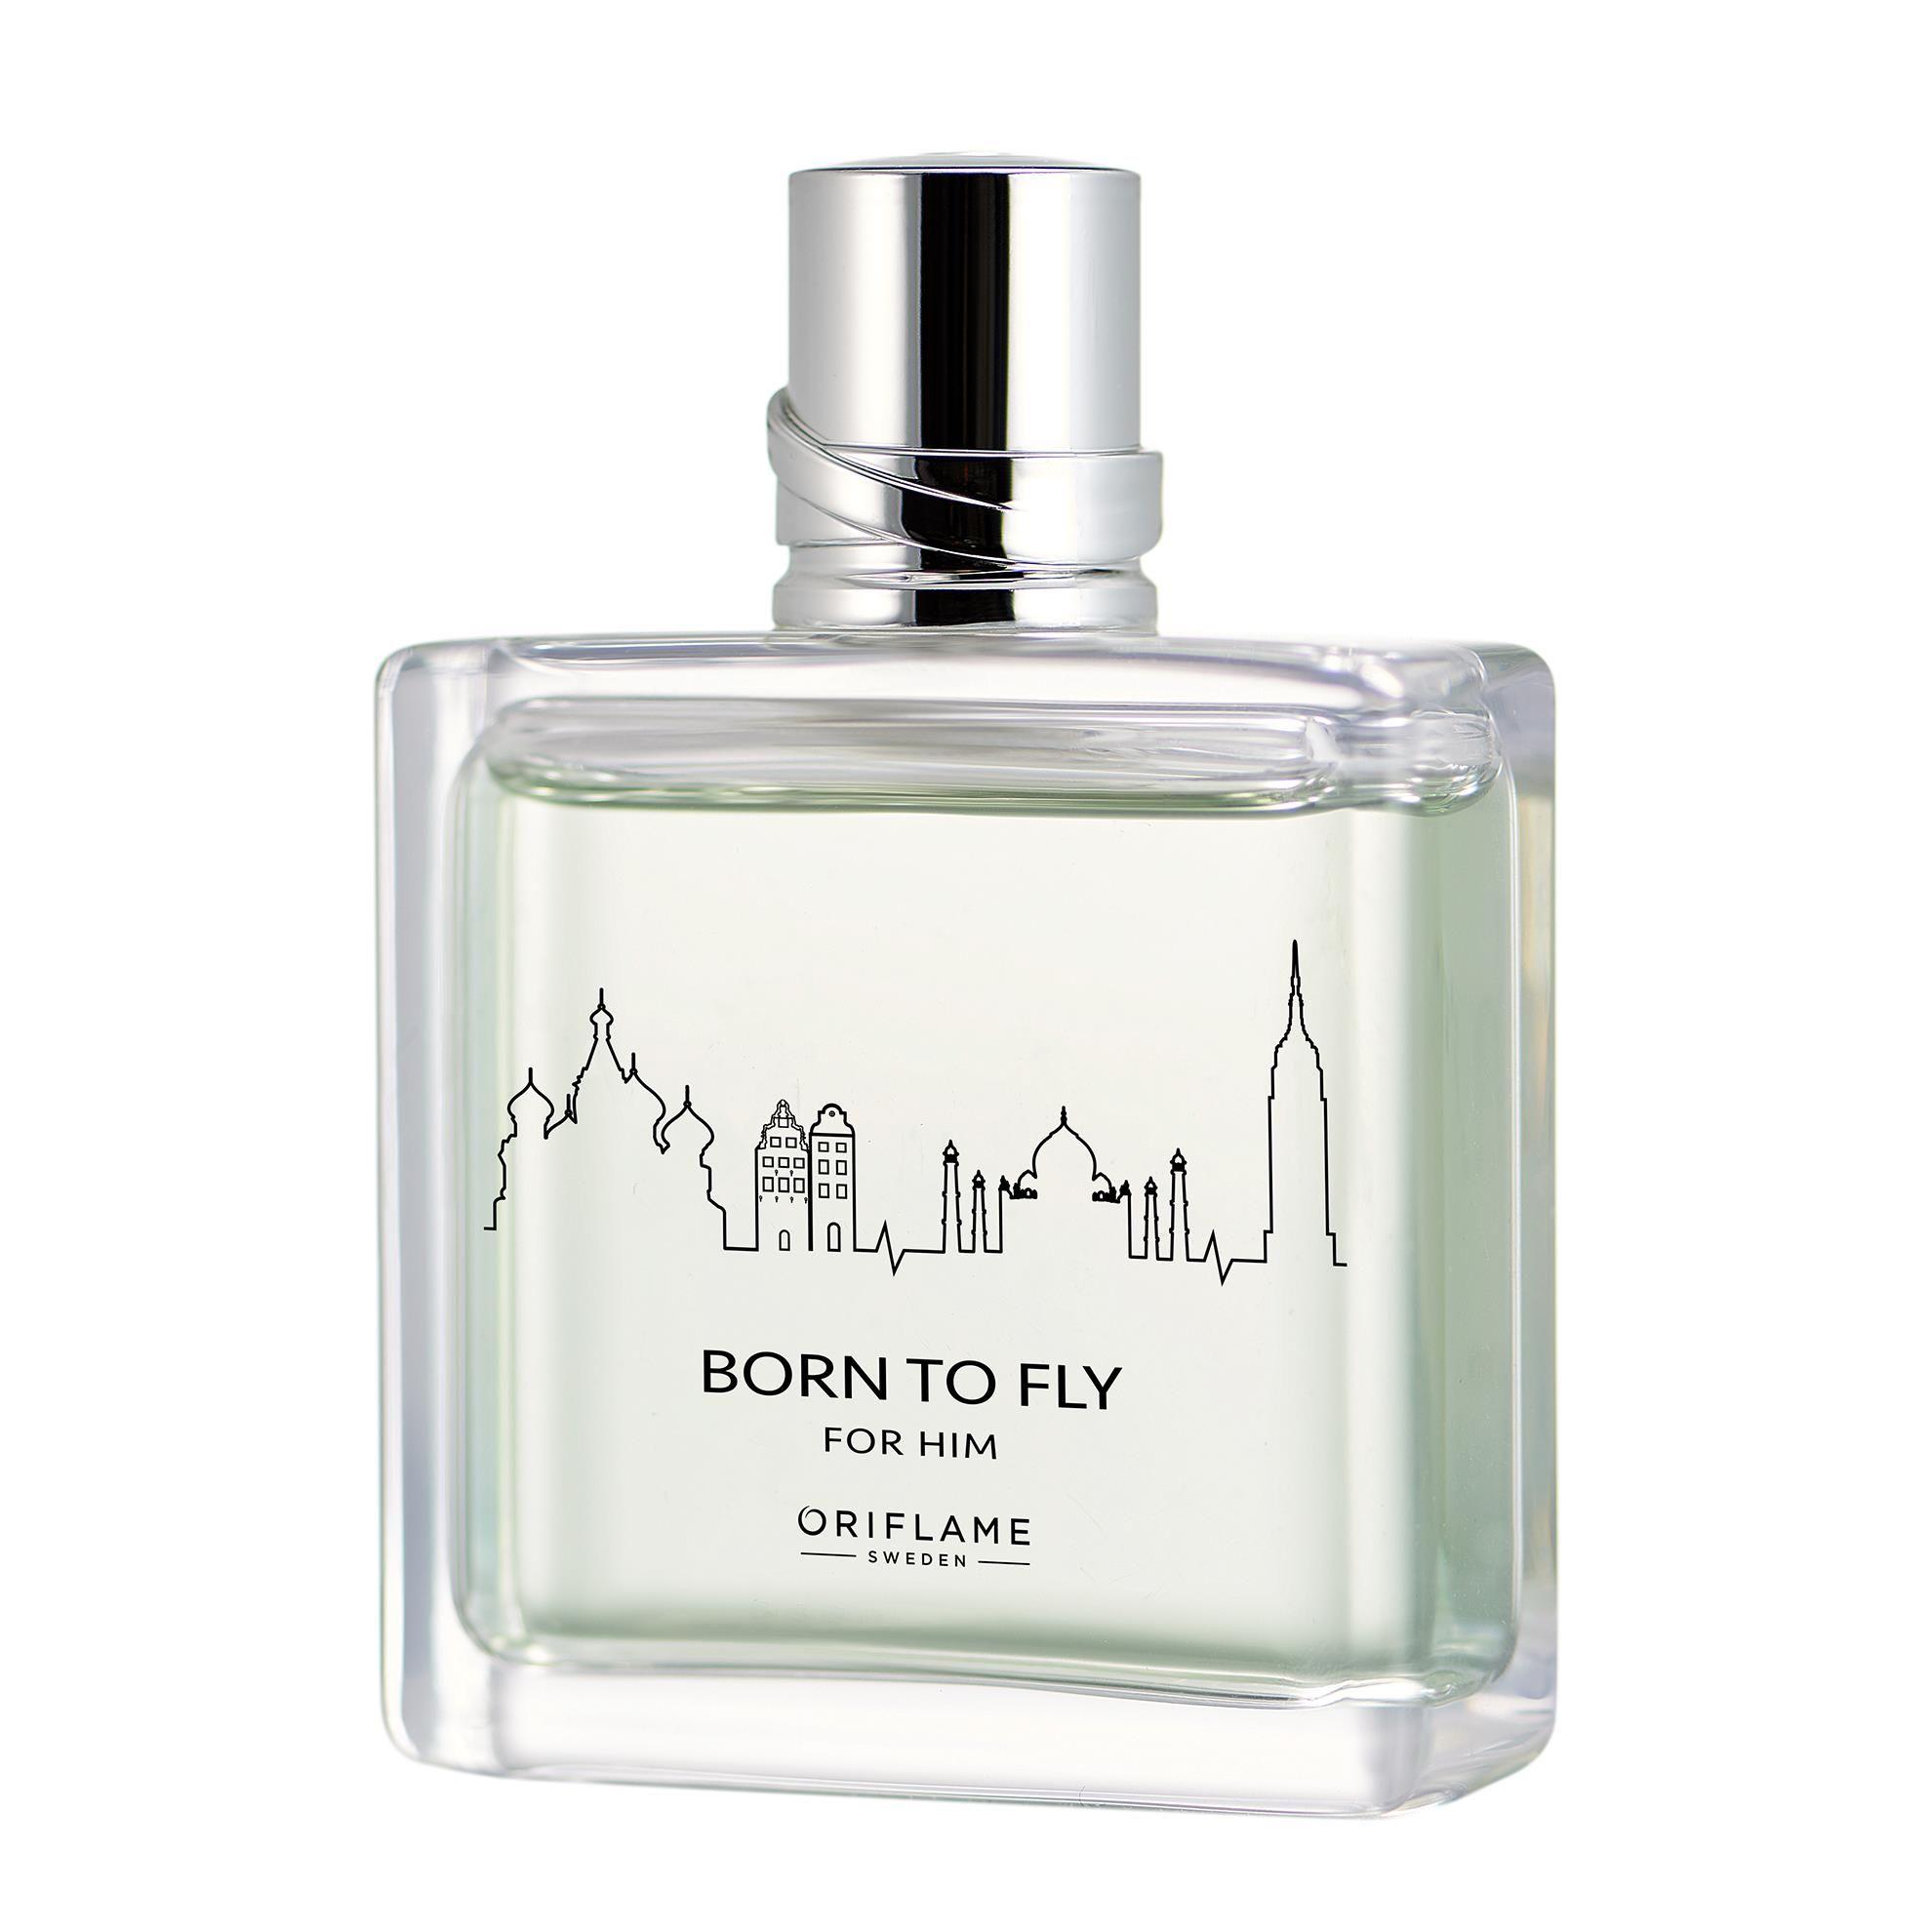 For Him Eau De Toilette In 2020 Perfume Fragrance Eau De Toilette